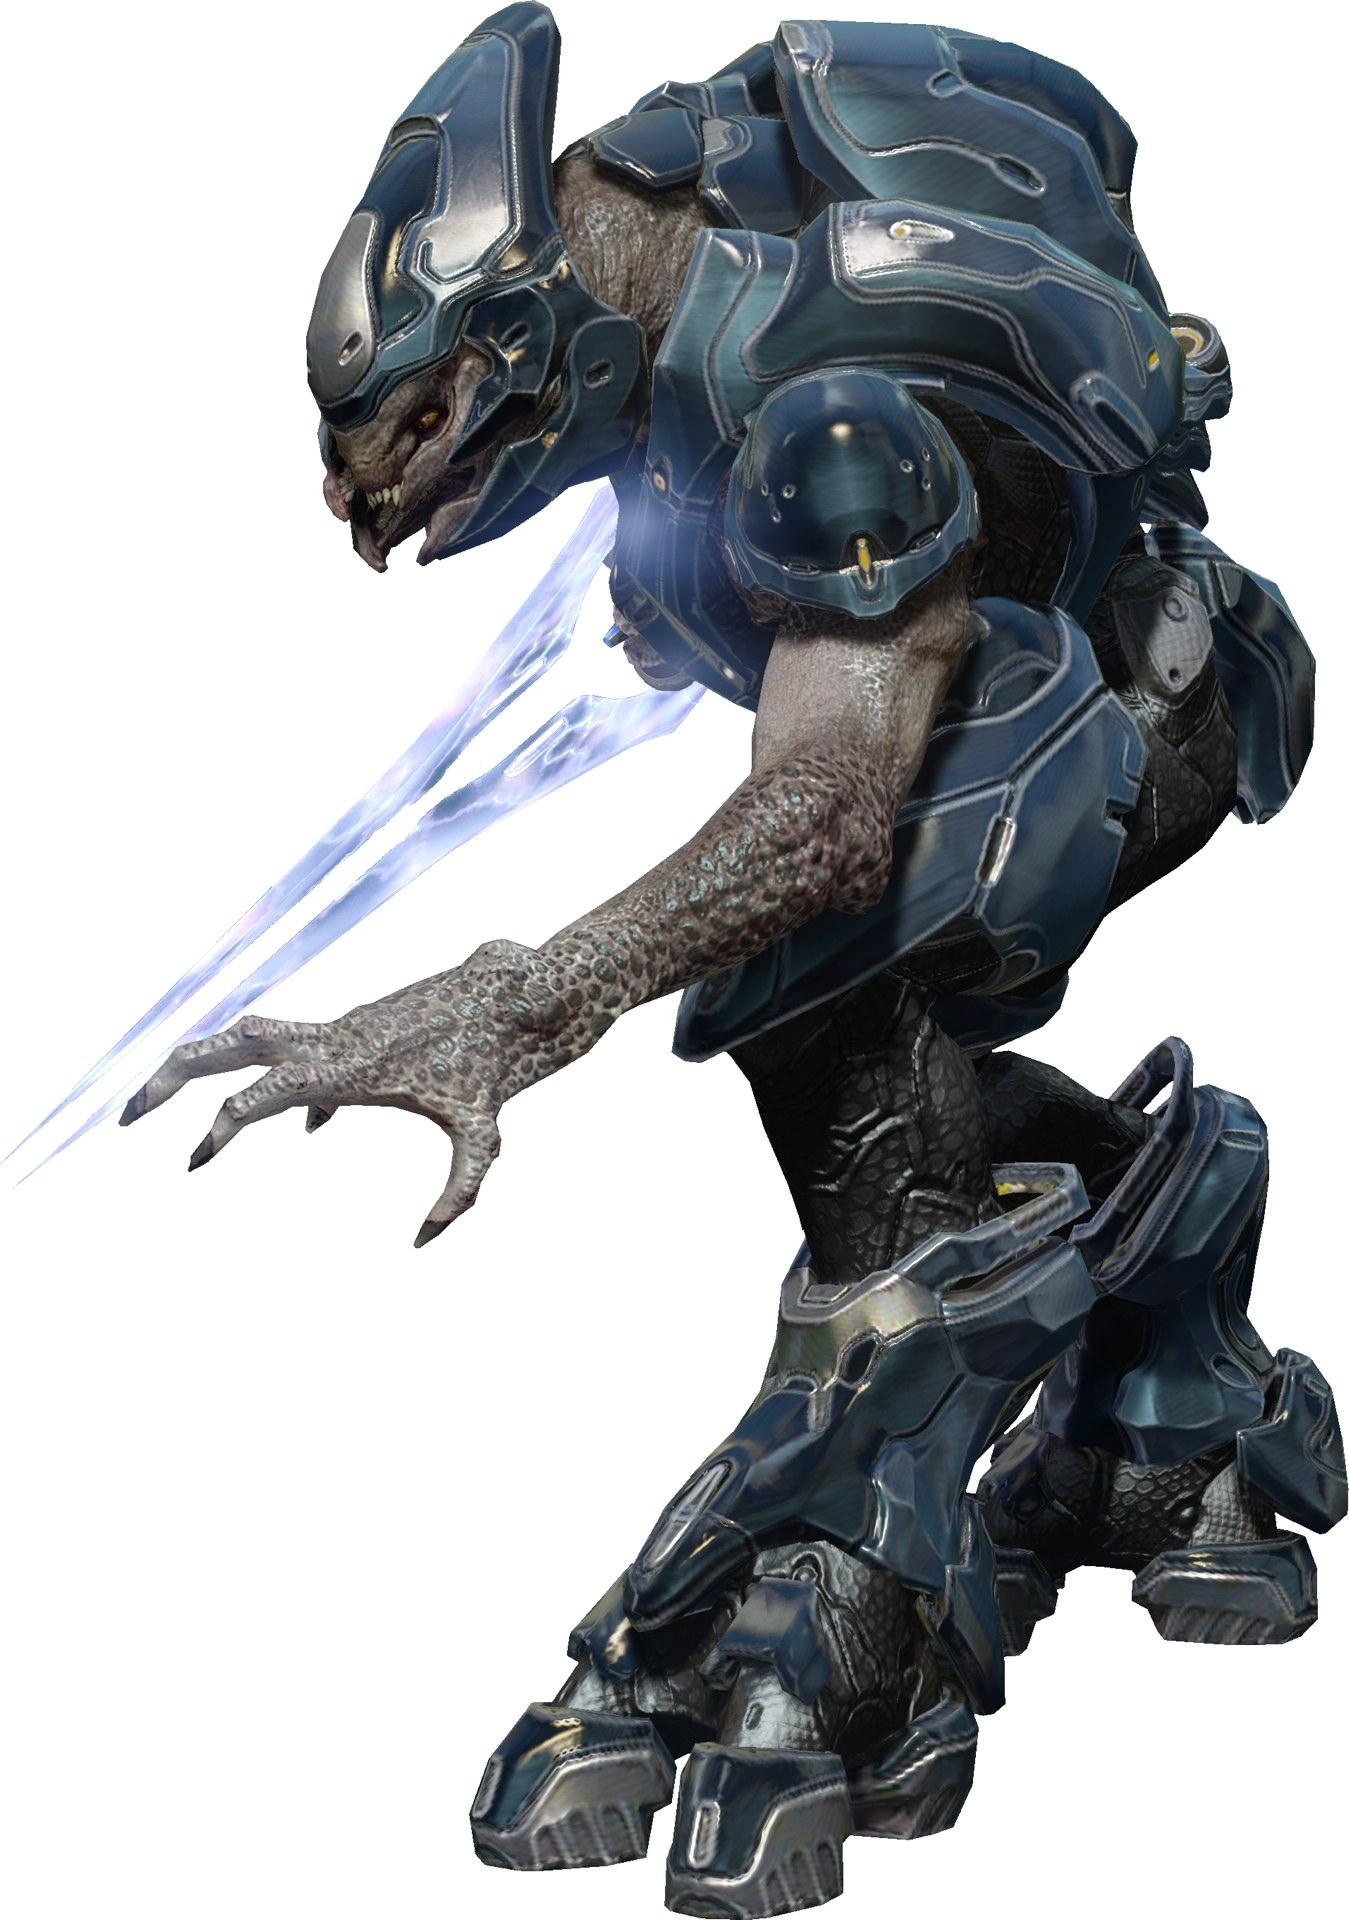 Halo4 360 Visuel 019